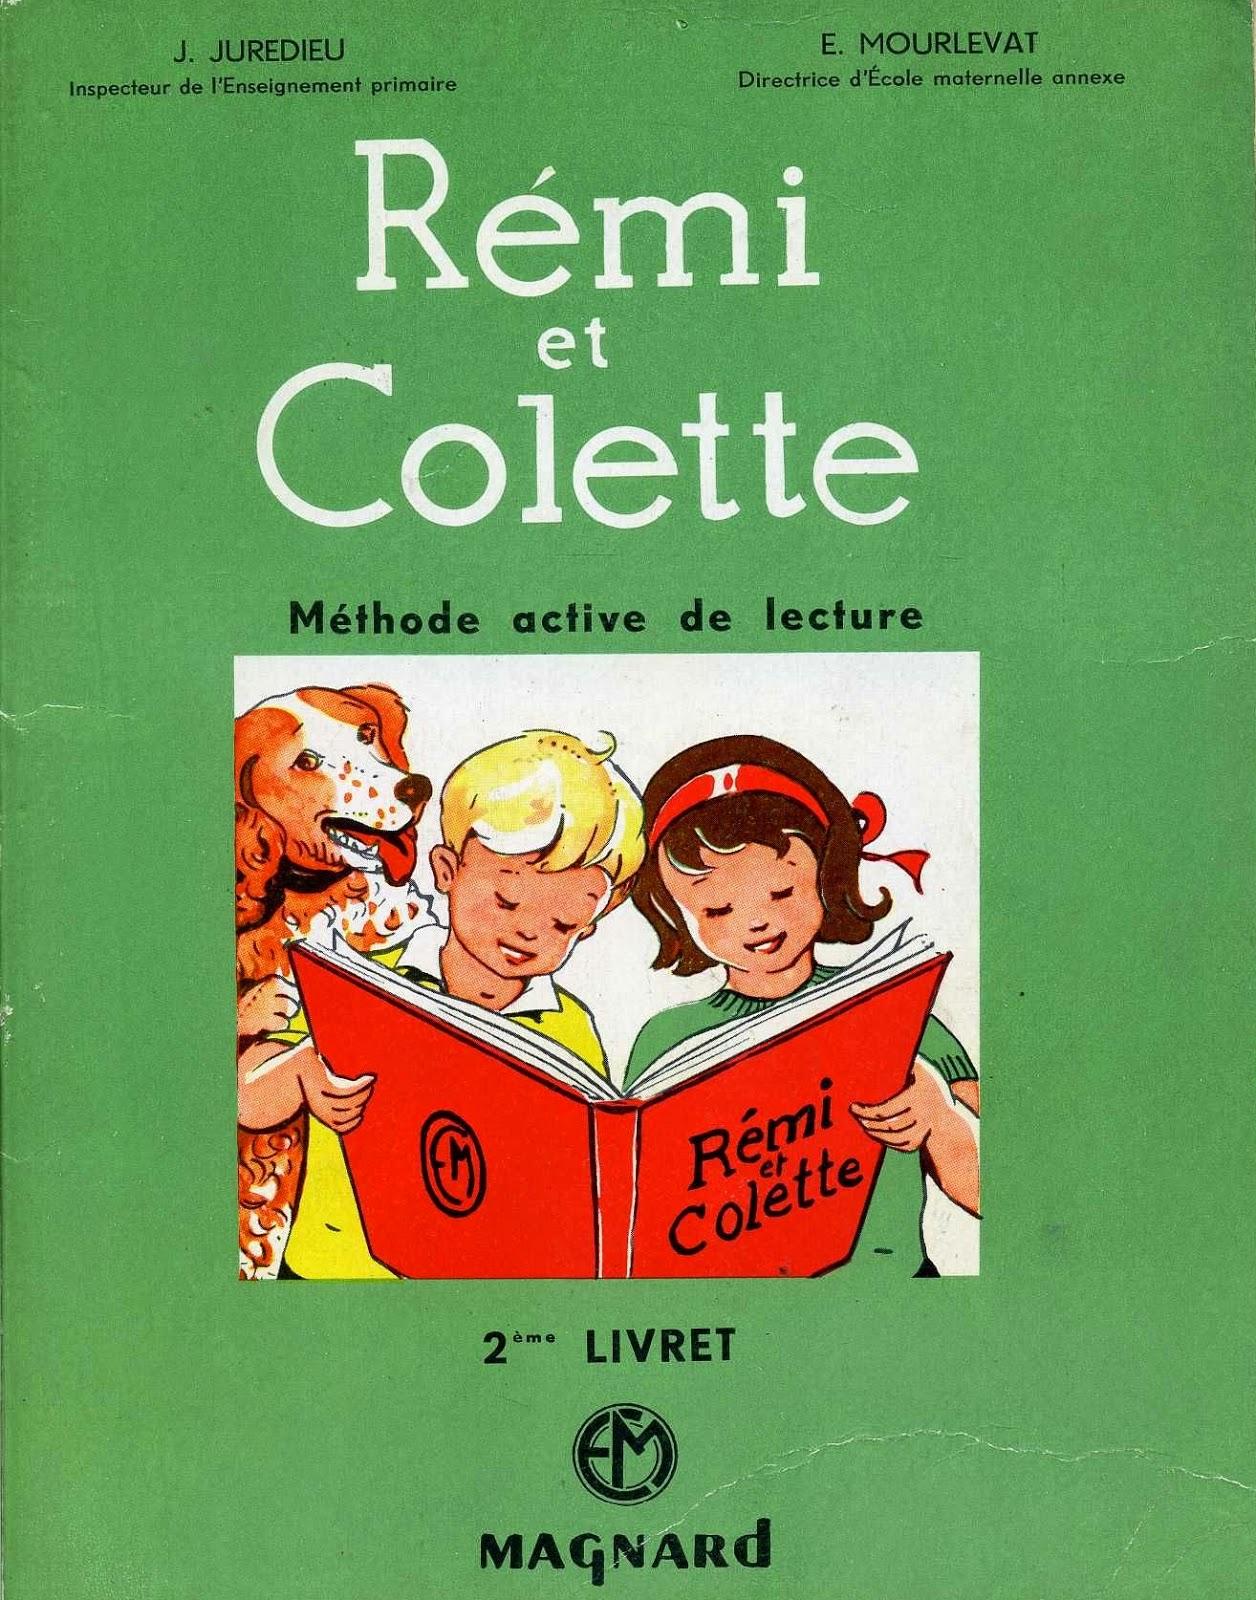 Fabulous Manuels anciens: Rémi et Colette (méthode de lecture CP, 1960) RG81